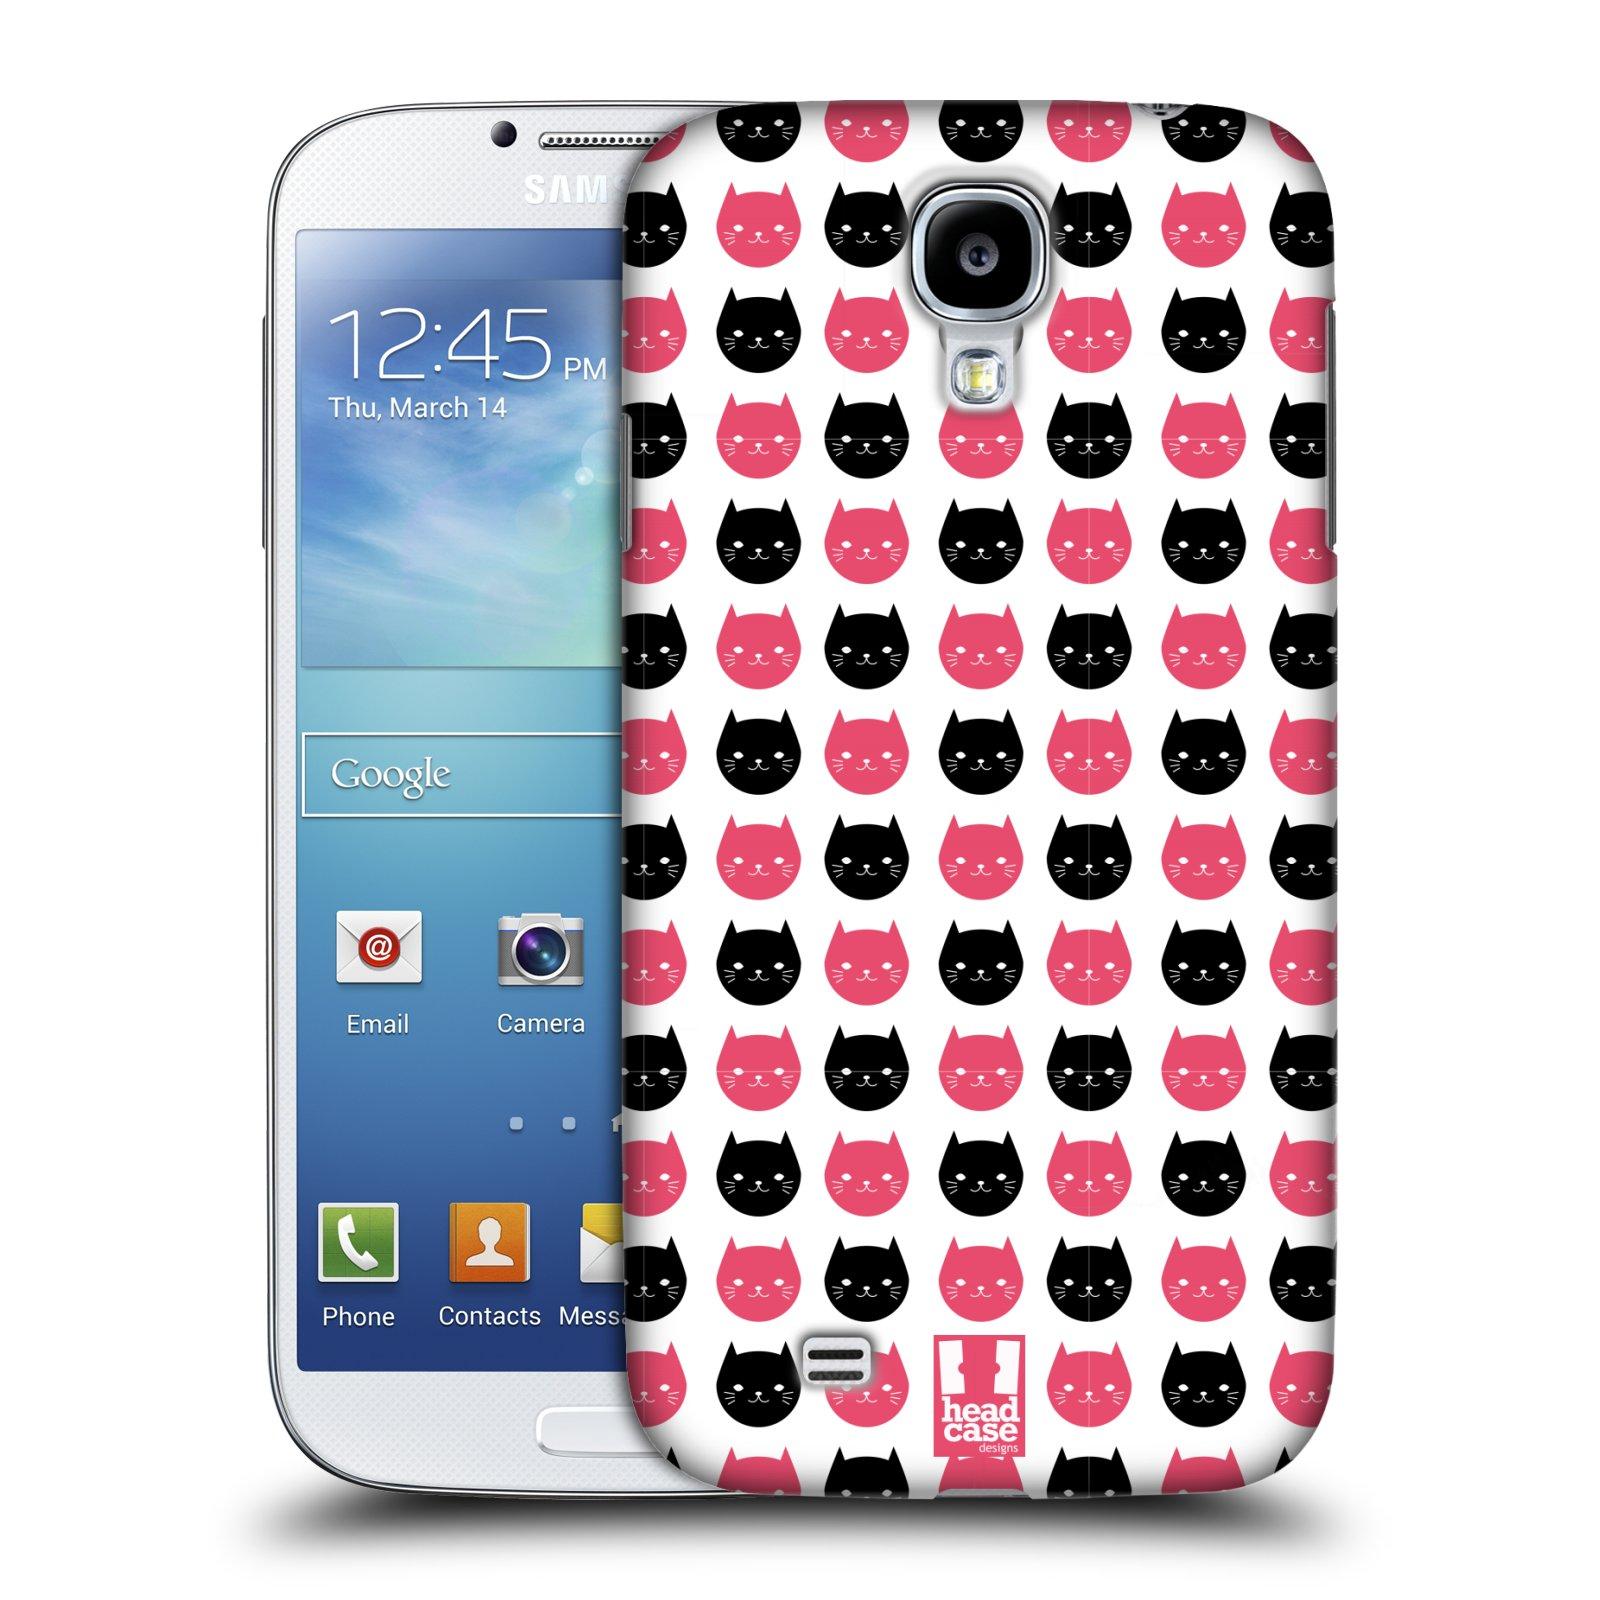 Plastové pouzdro na mobil Samsung Galaxy S4 HEAD CASE KOČKY Black and Pink (Kryt či obal na mobilní telefon Samsung Galaxy S4 GT-i9505 / i9500)